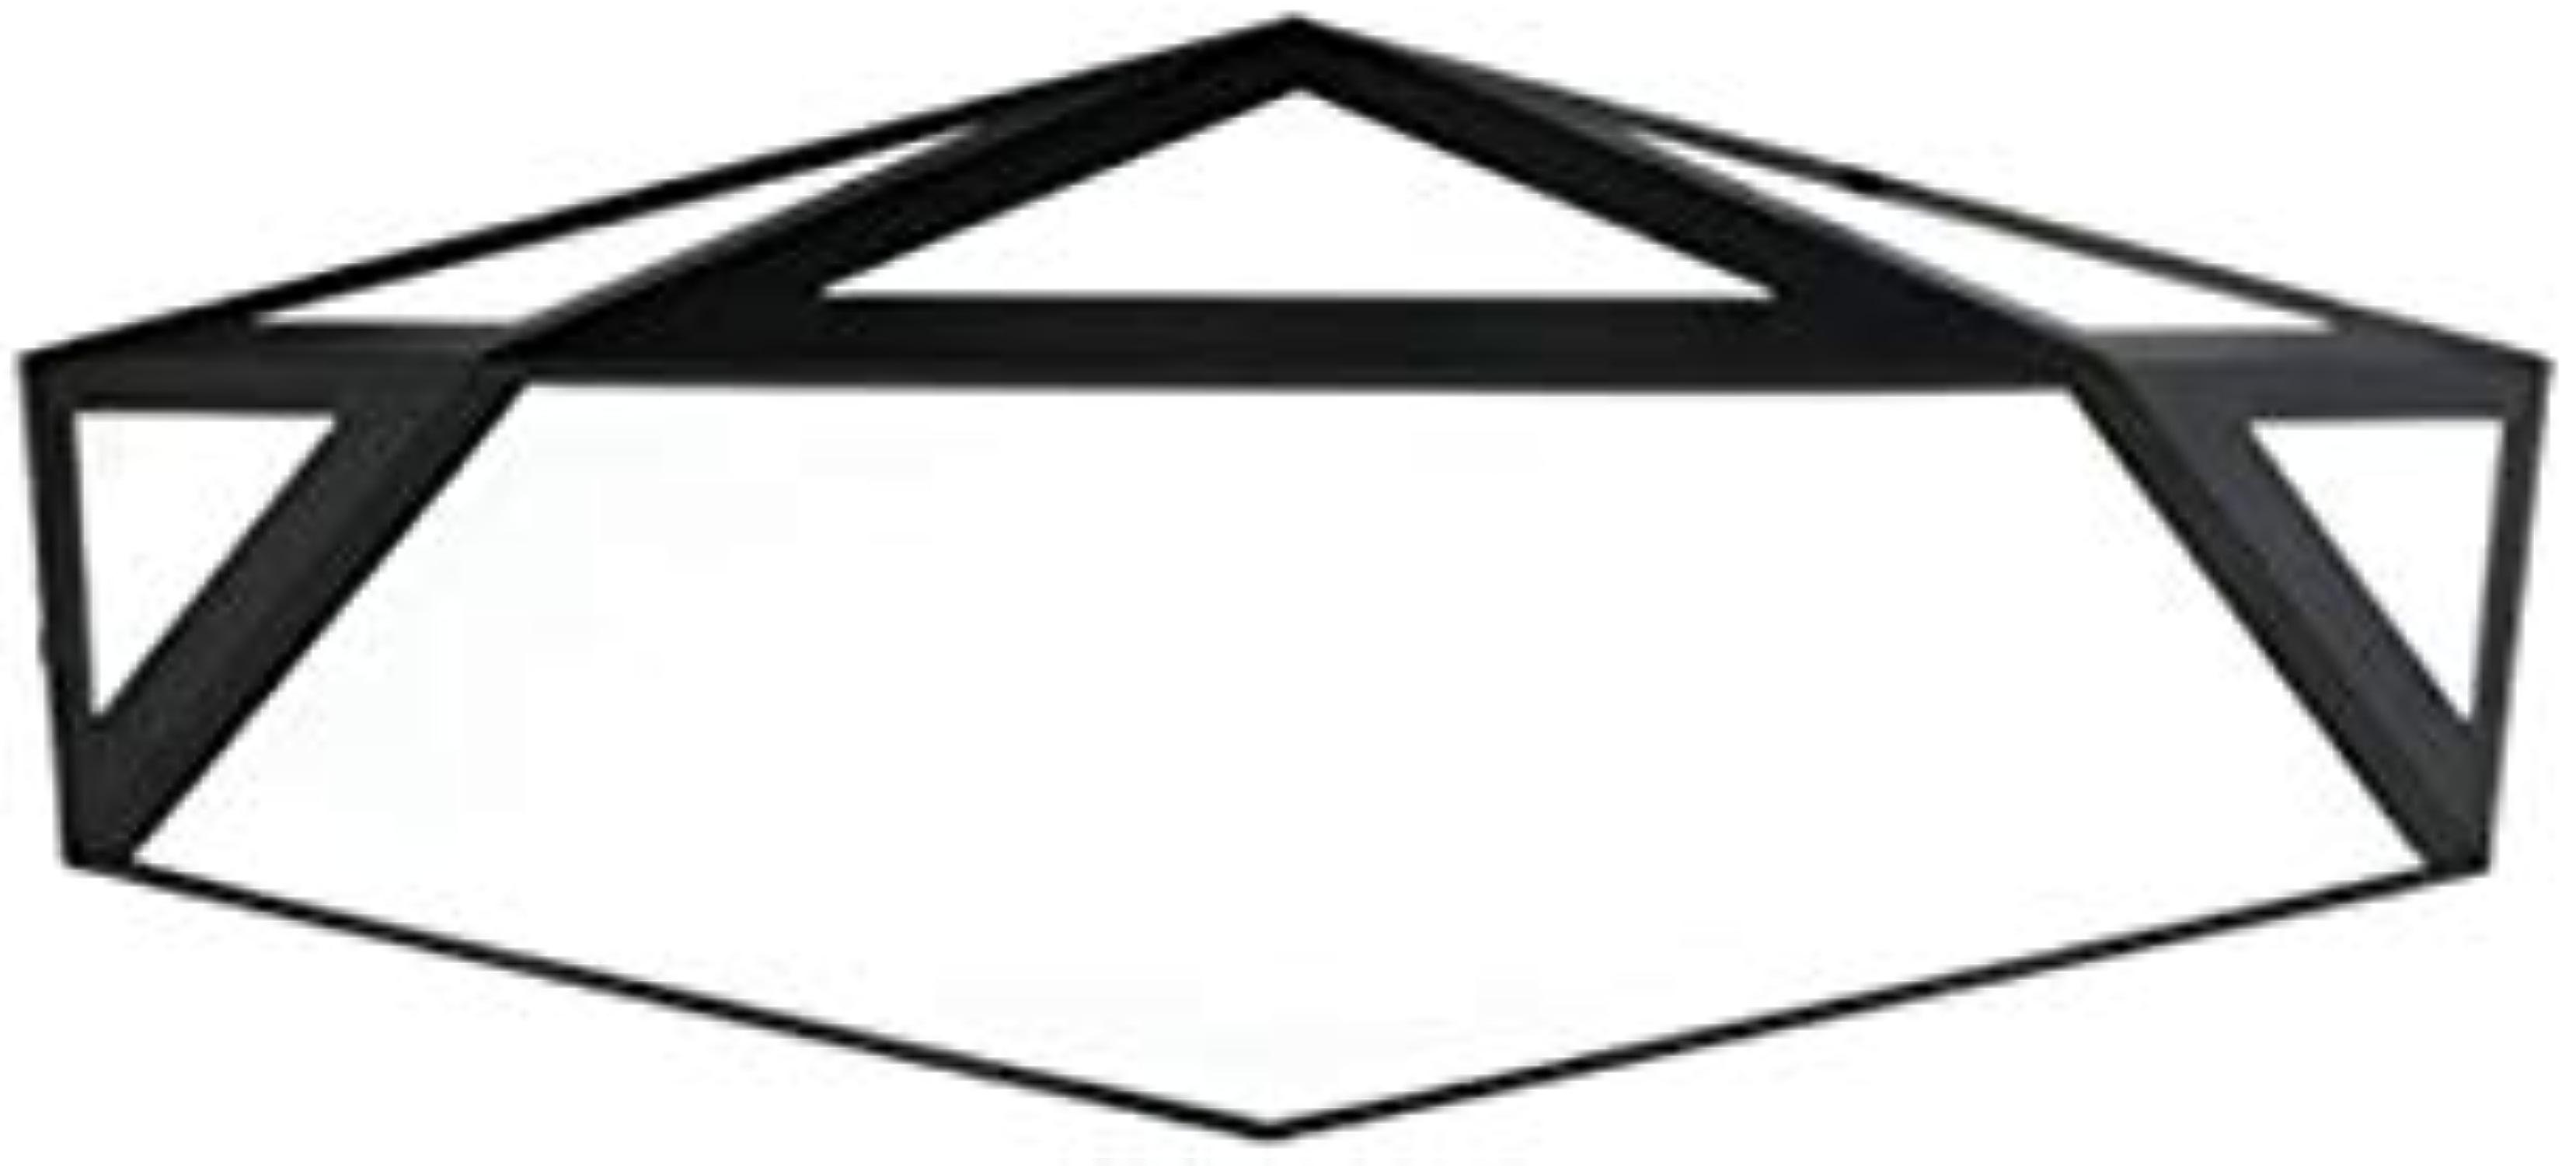 LCTCXD Niveau LED Gradation, Niveau LED Gradation Moderne Conception Géométrique Stepless Gradation Pour Salle De Bains Salon Cuisine Chambre Couloir Corridor Balcon